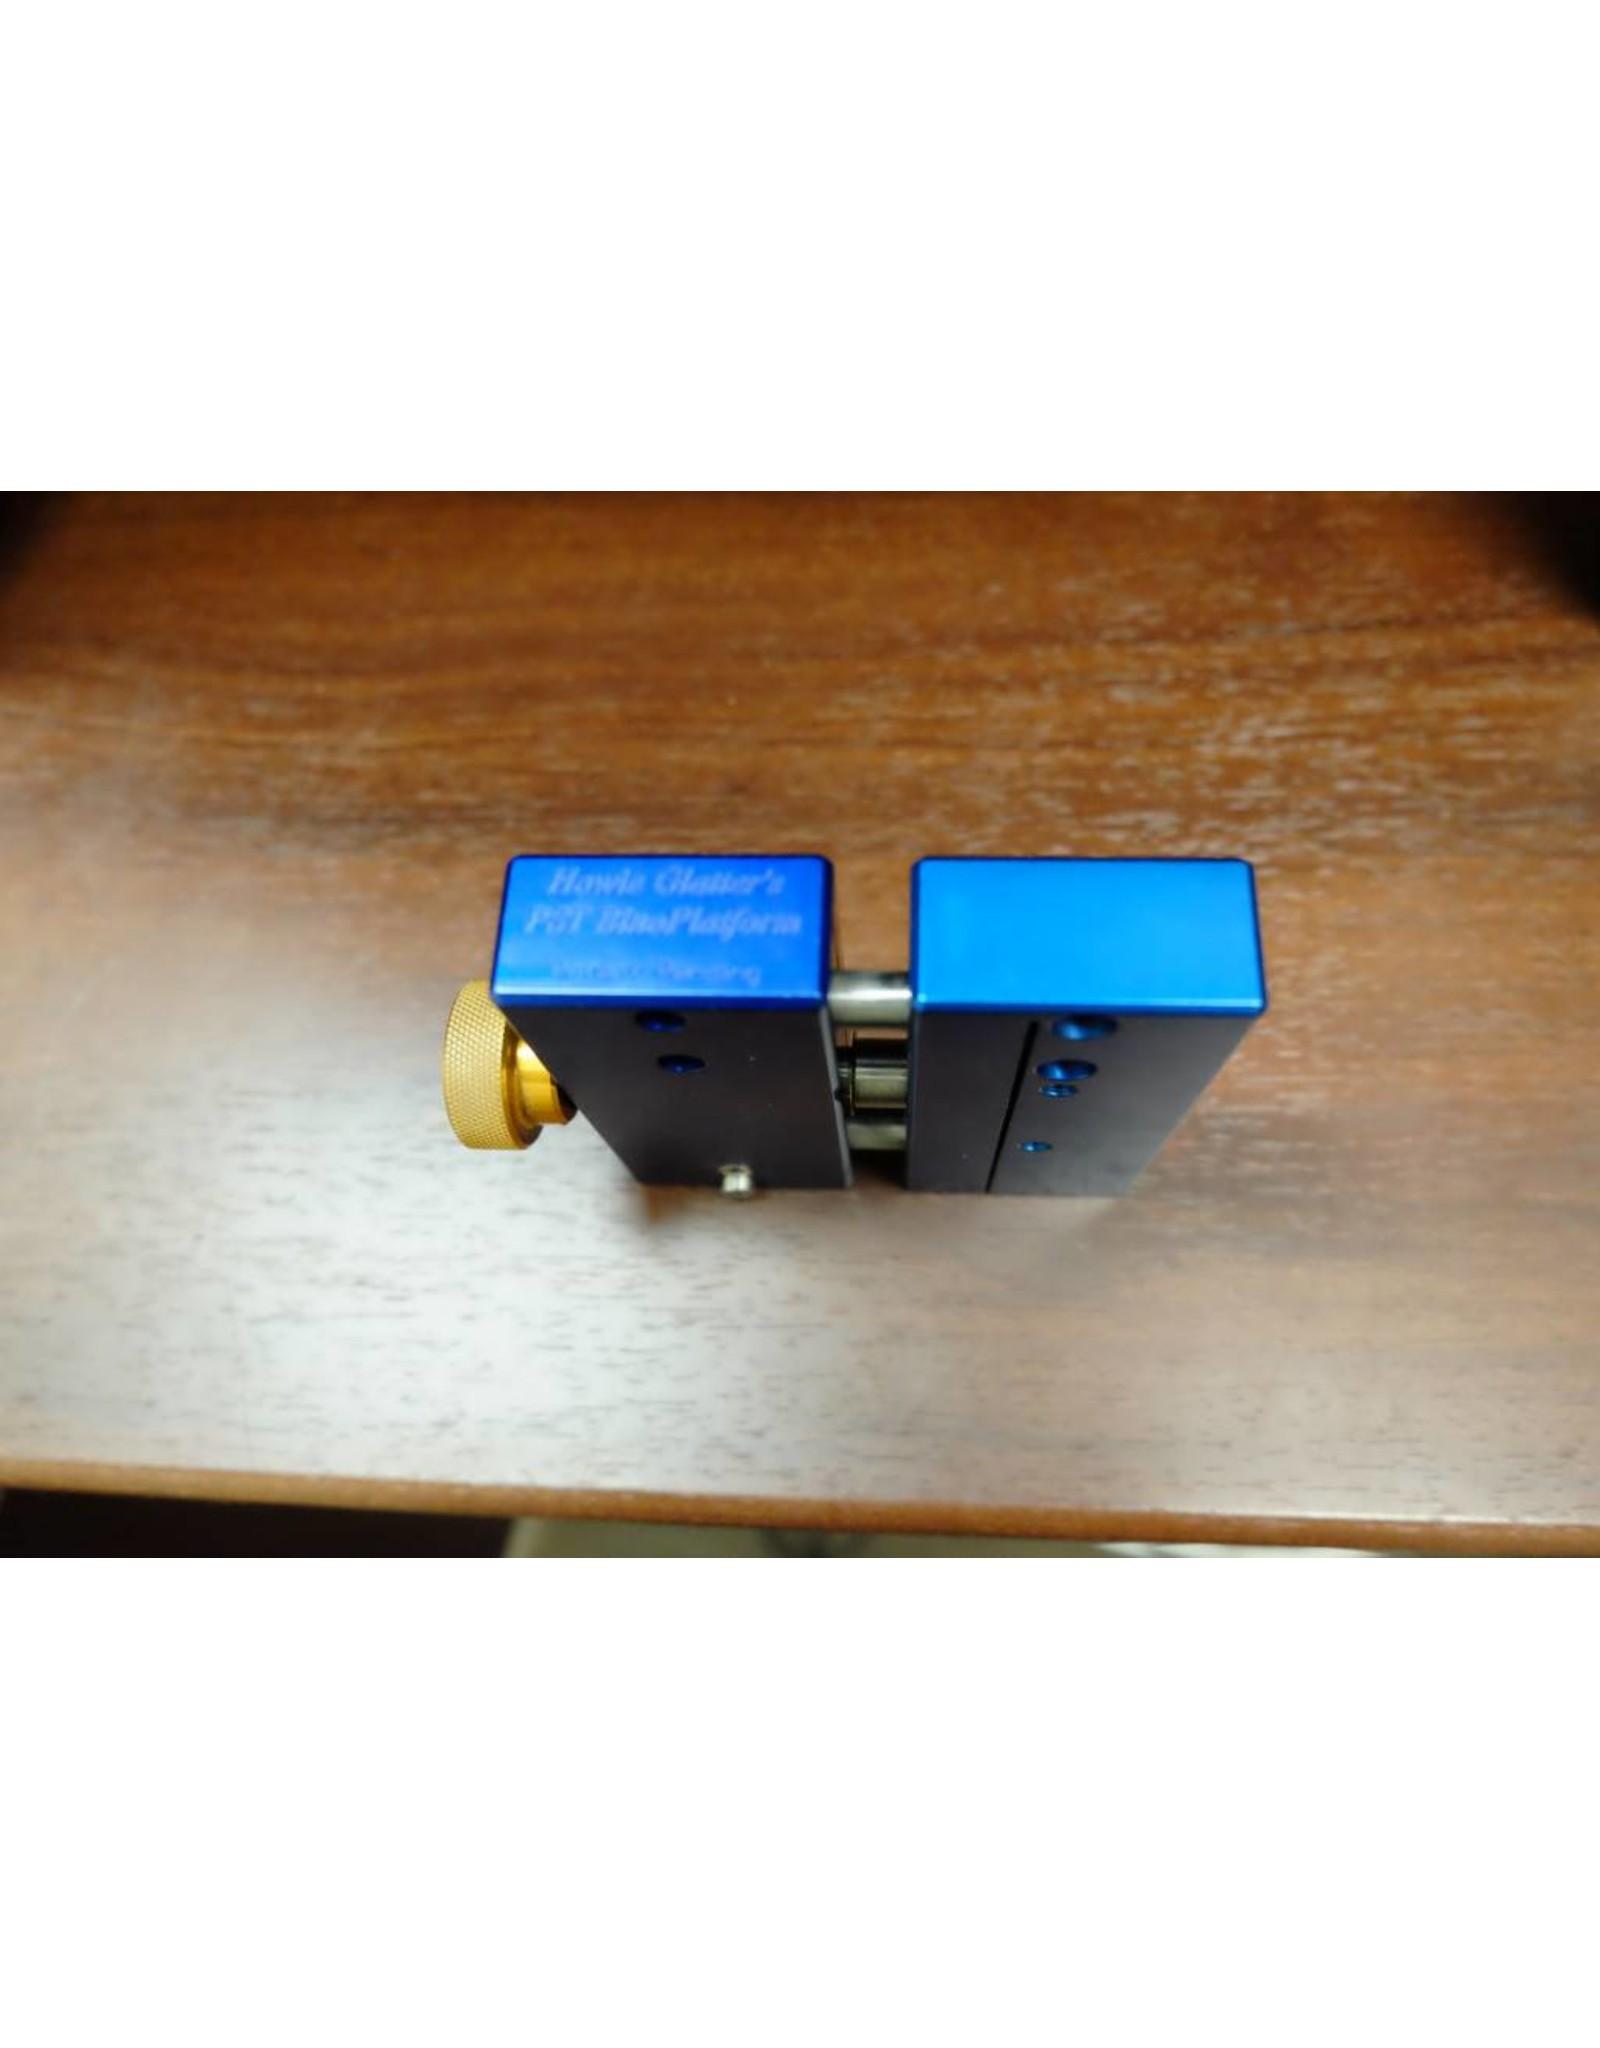 Howie Glatter's PST BinoPlatform